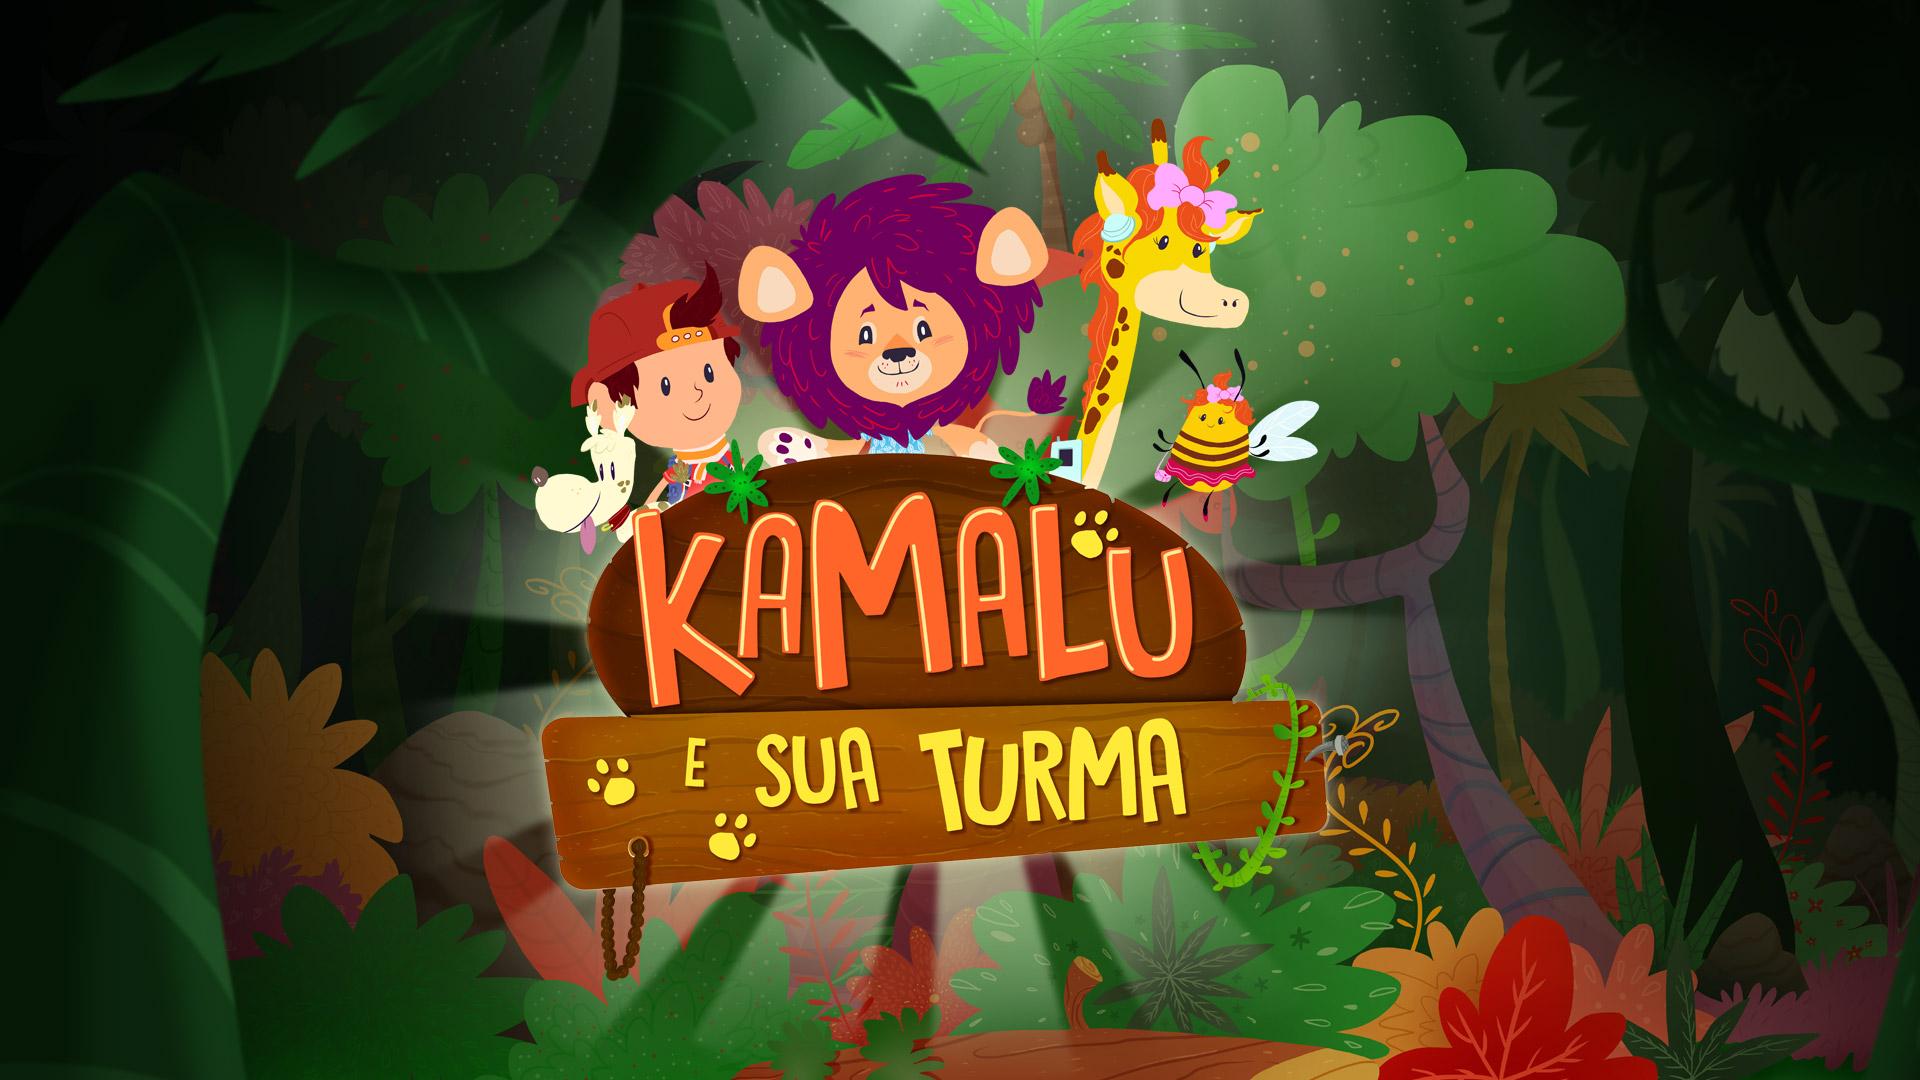 kamalu e sua turma tela de abertura dumela filmes - Kamalu e Sua Turma